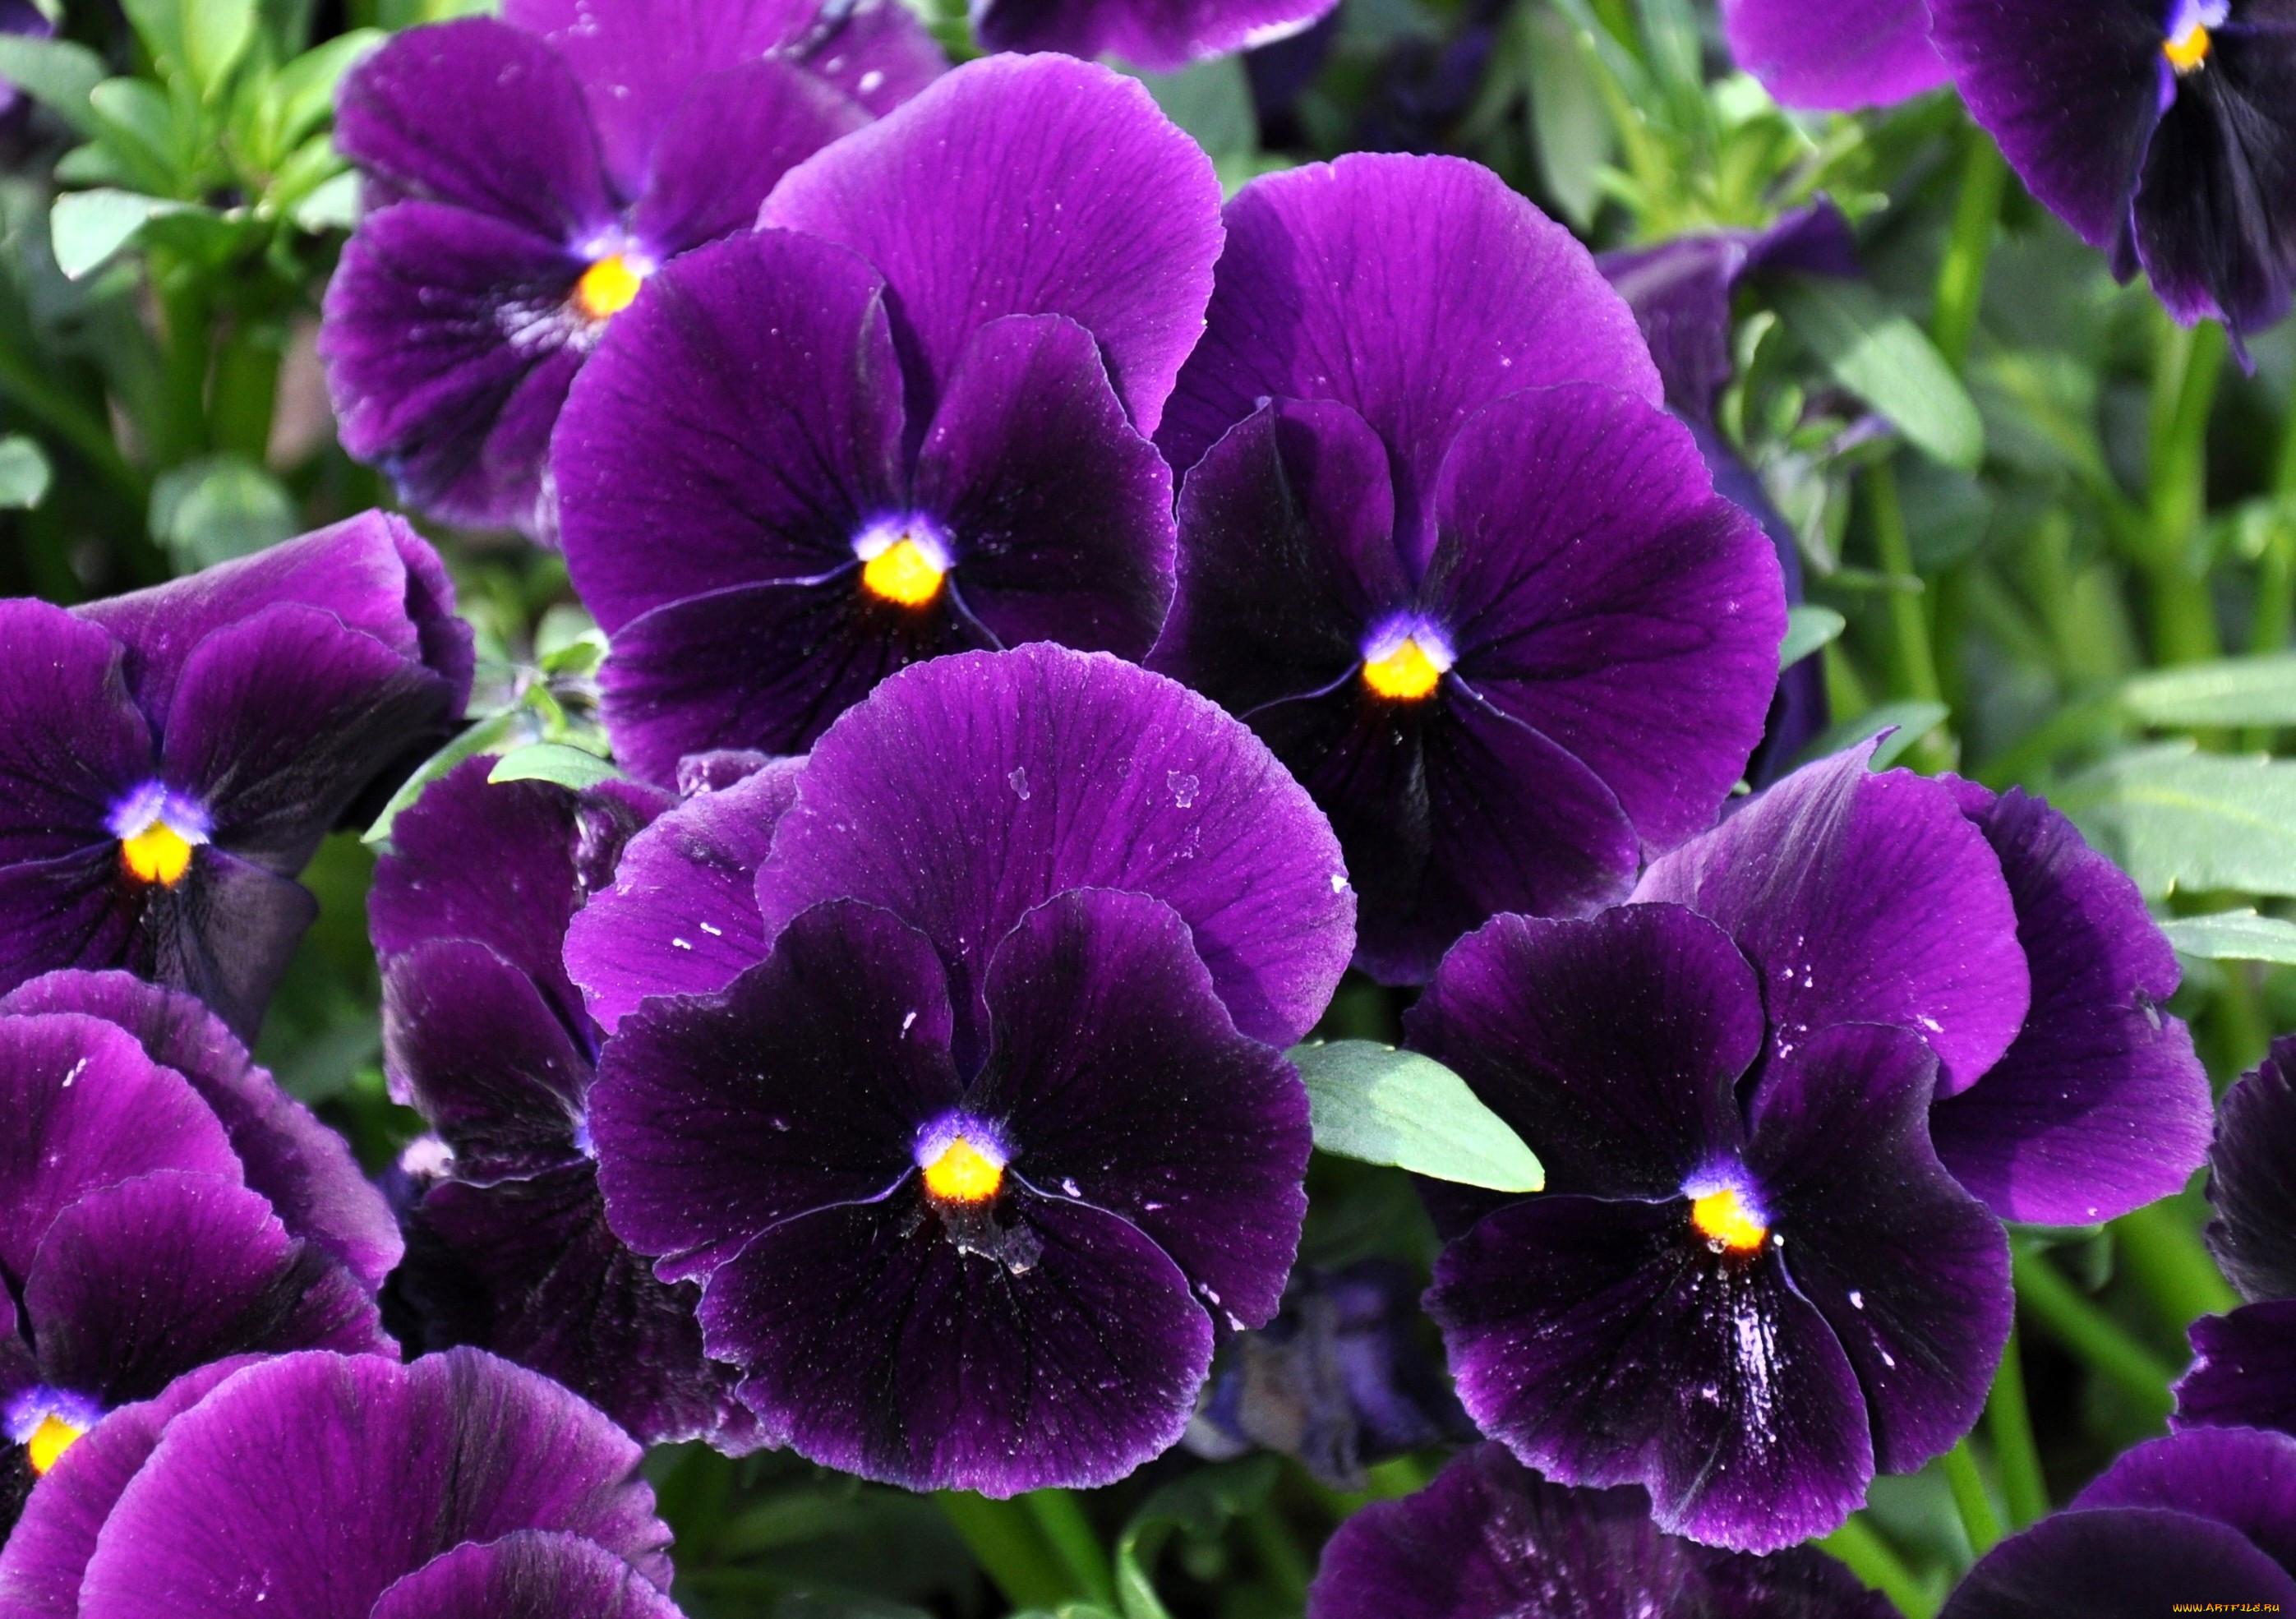 фиолетовые анютины глазки фото скрыть розетки